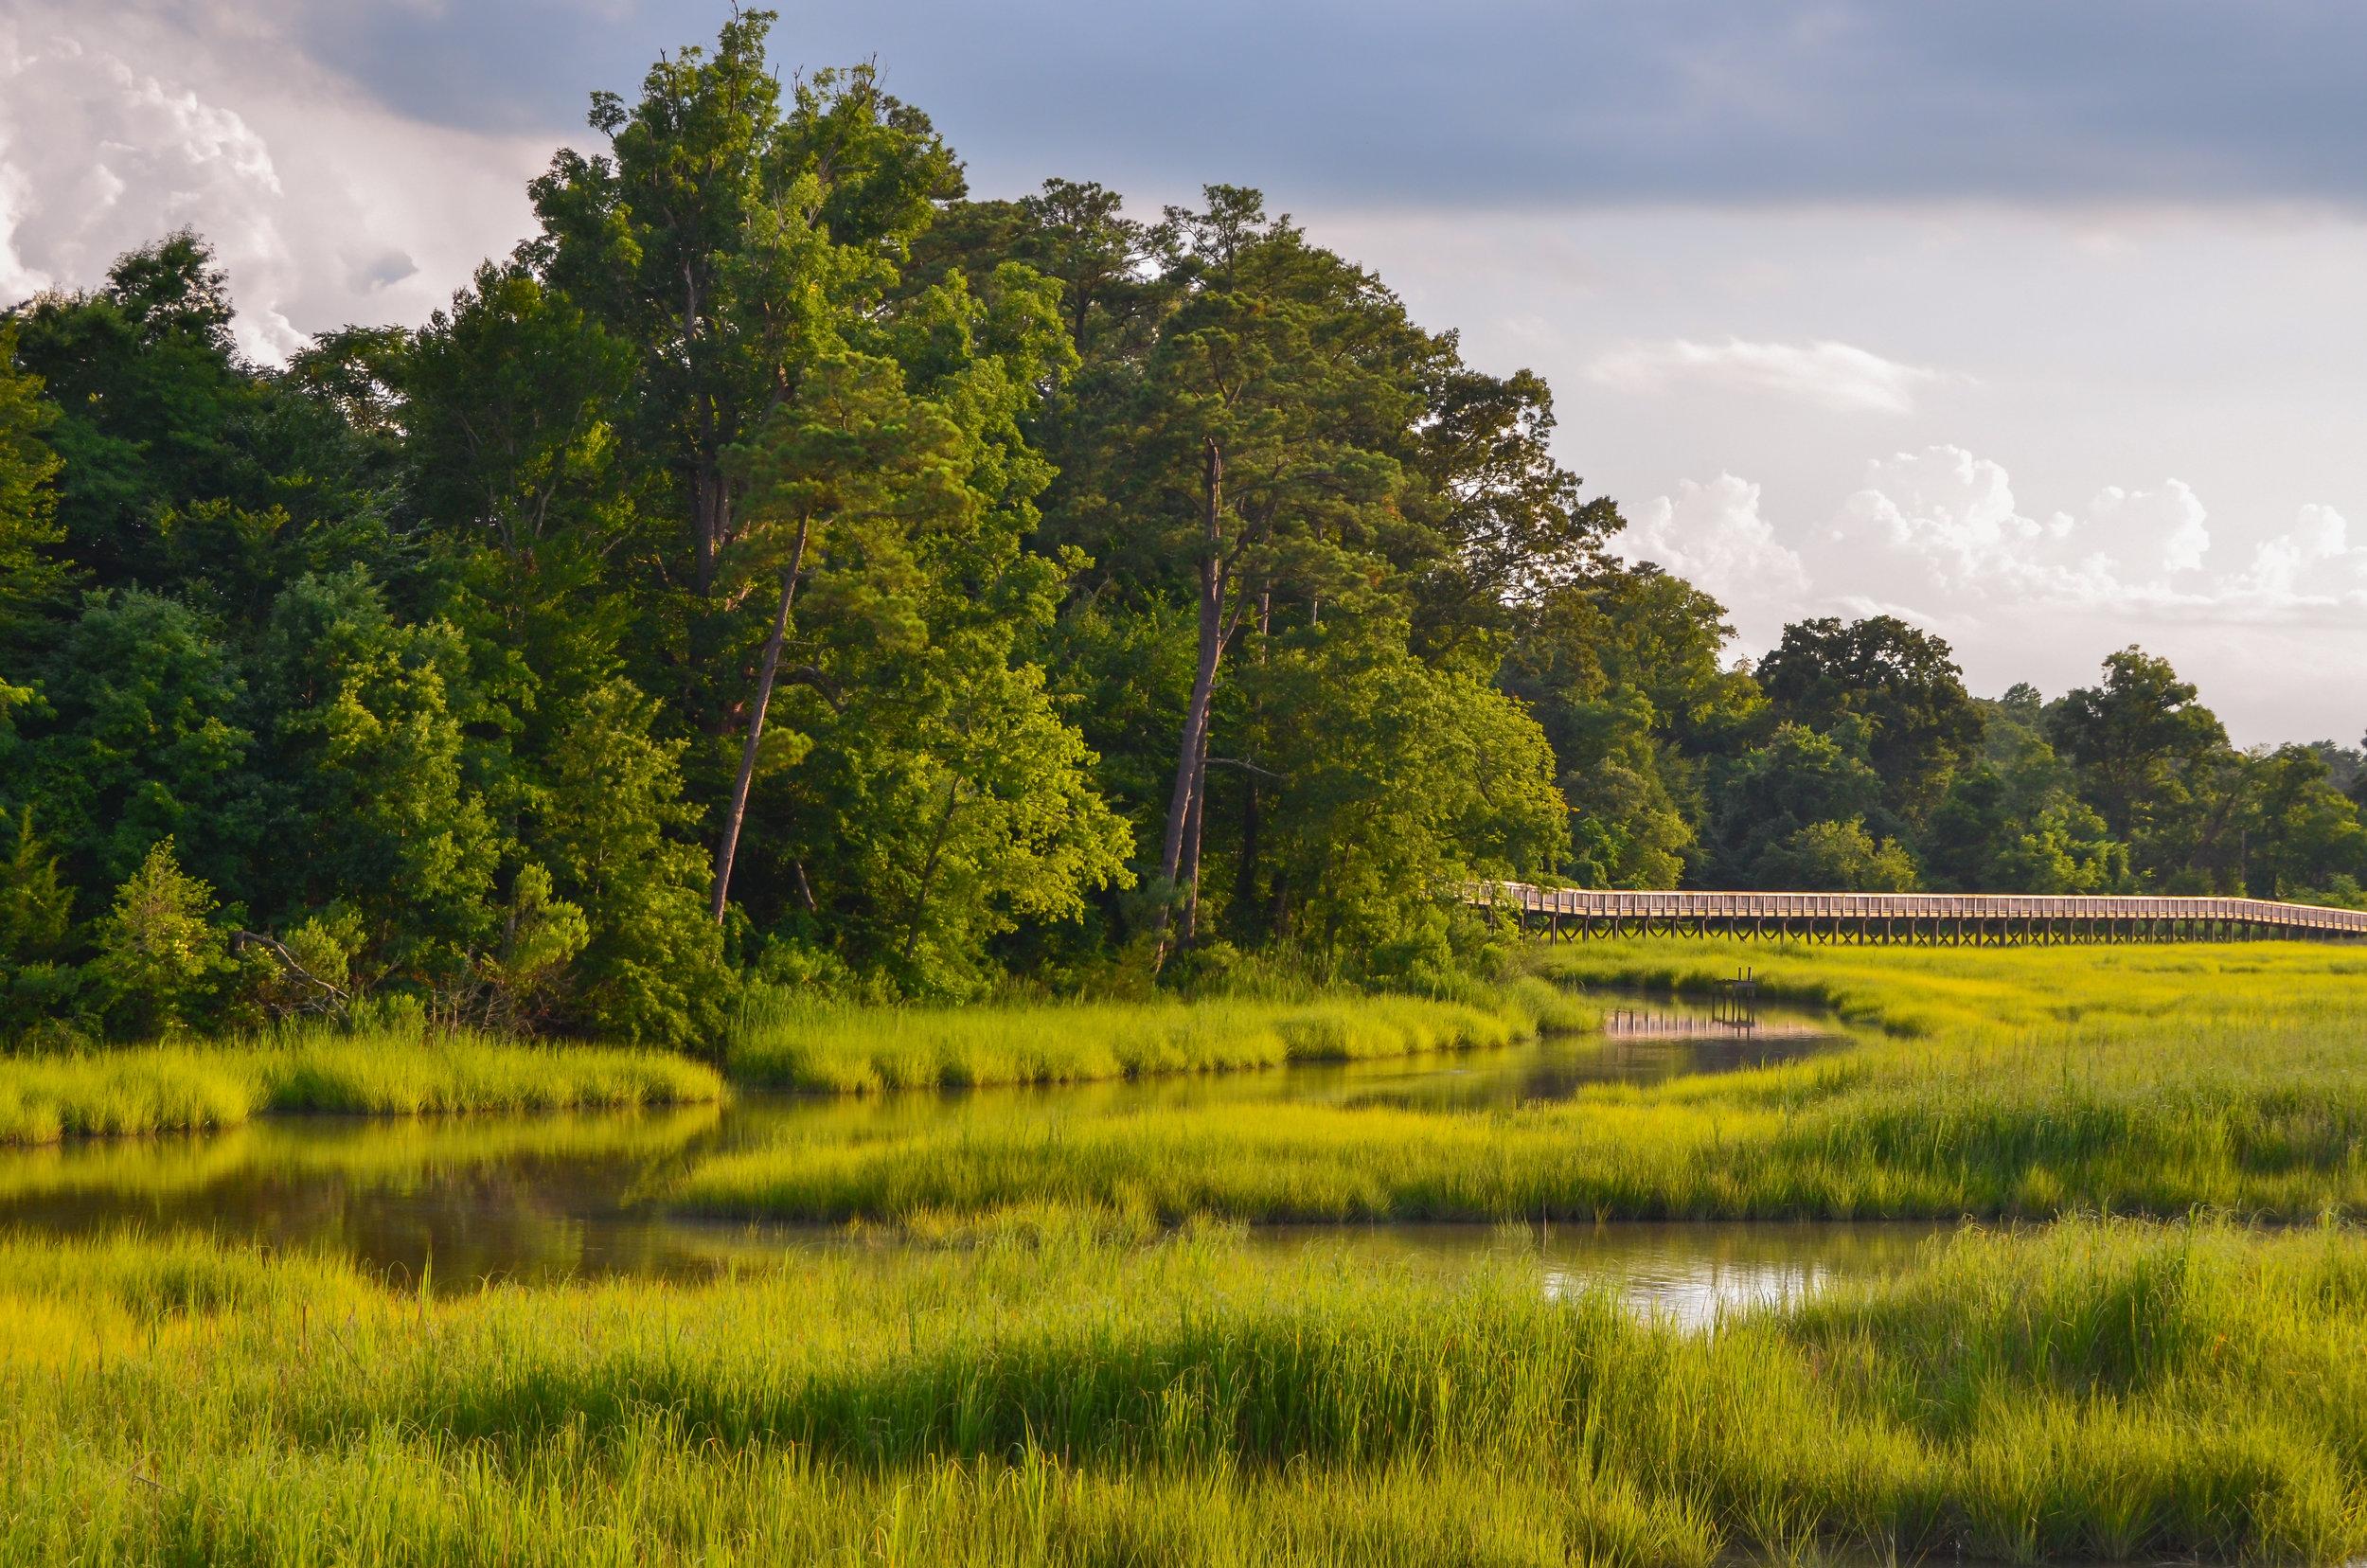 creek-marsh-isle fo wight county-windsor castle park-Smithfield, Virginia.jpg